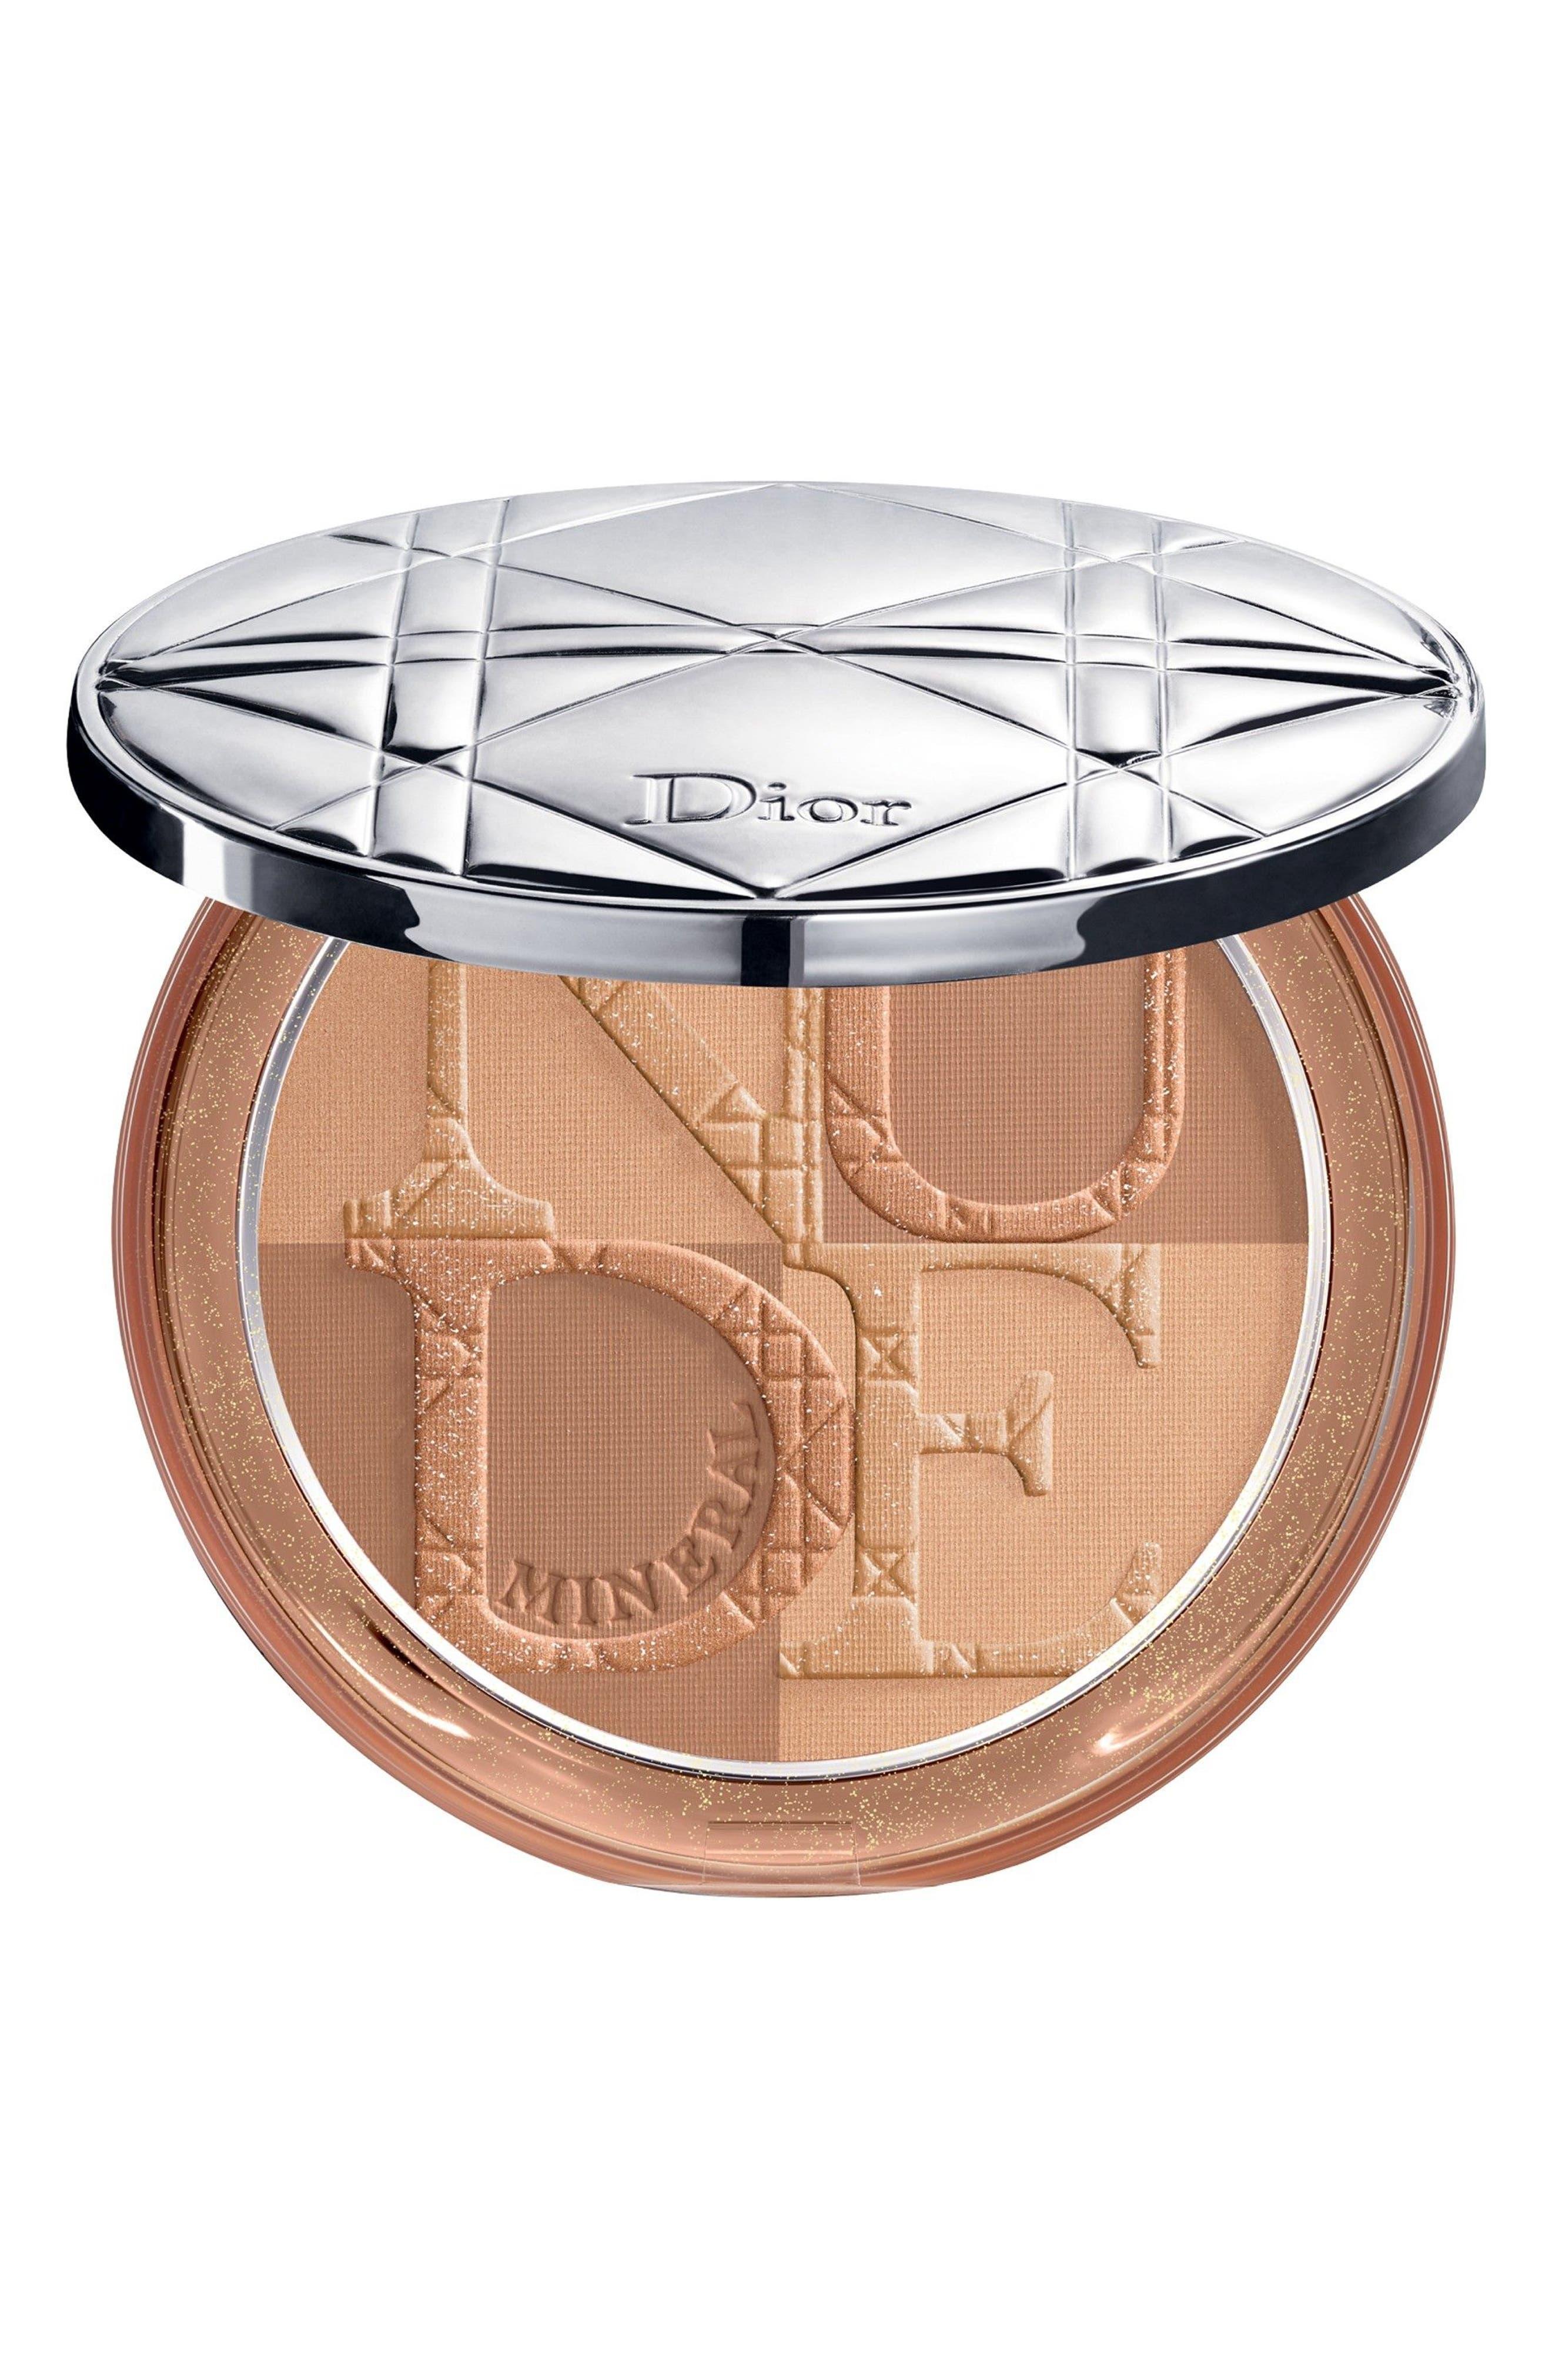 Dior Diorskin Mineral Nude Bronze Powder - 004 Warm Sunrise